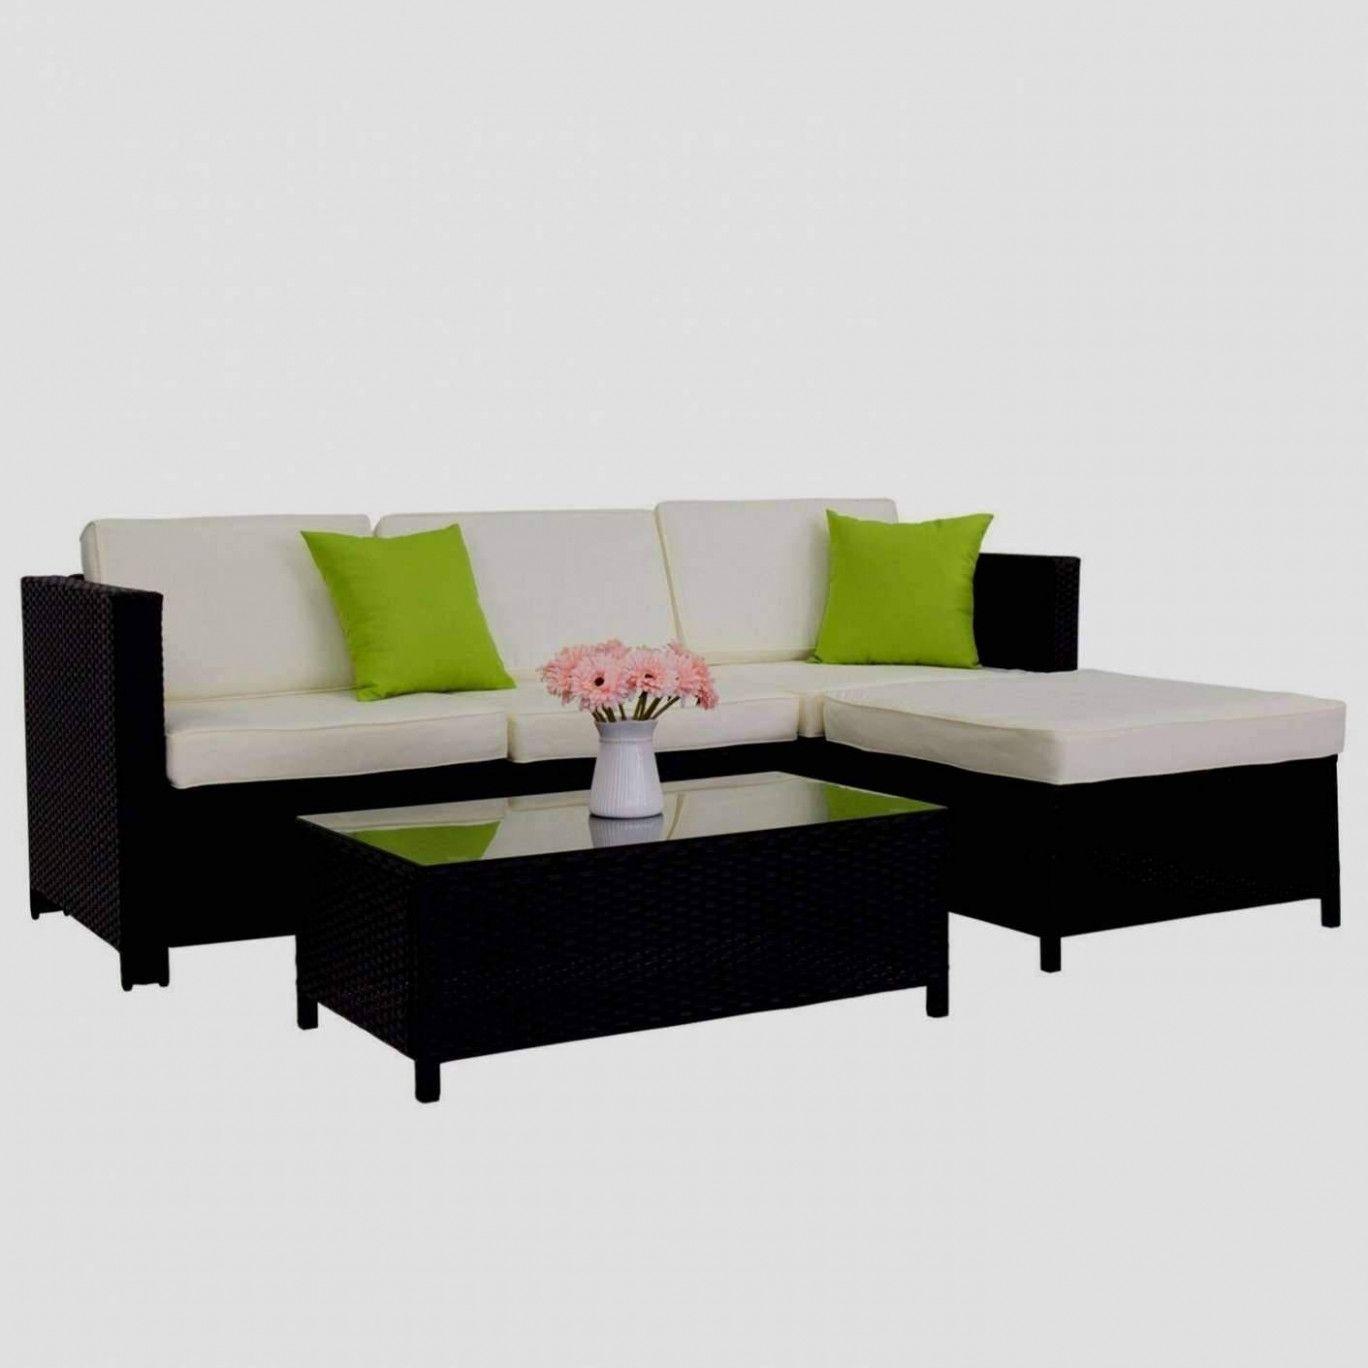 8 Wohnzimmermöbel Abverkauf in 8  Zerlegbare möbel